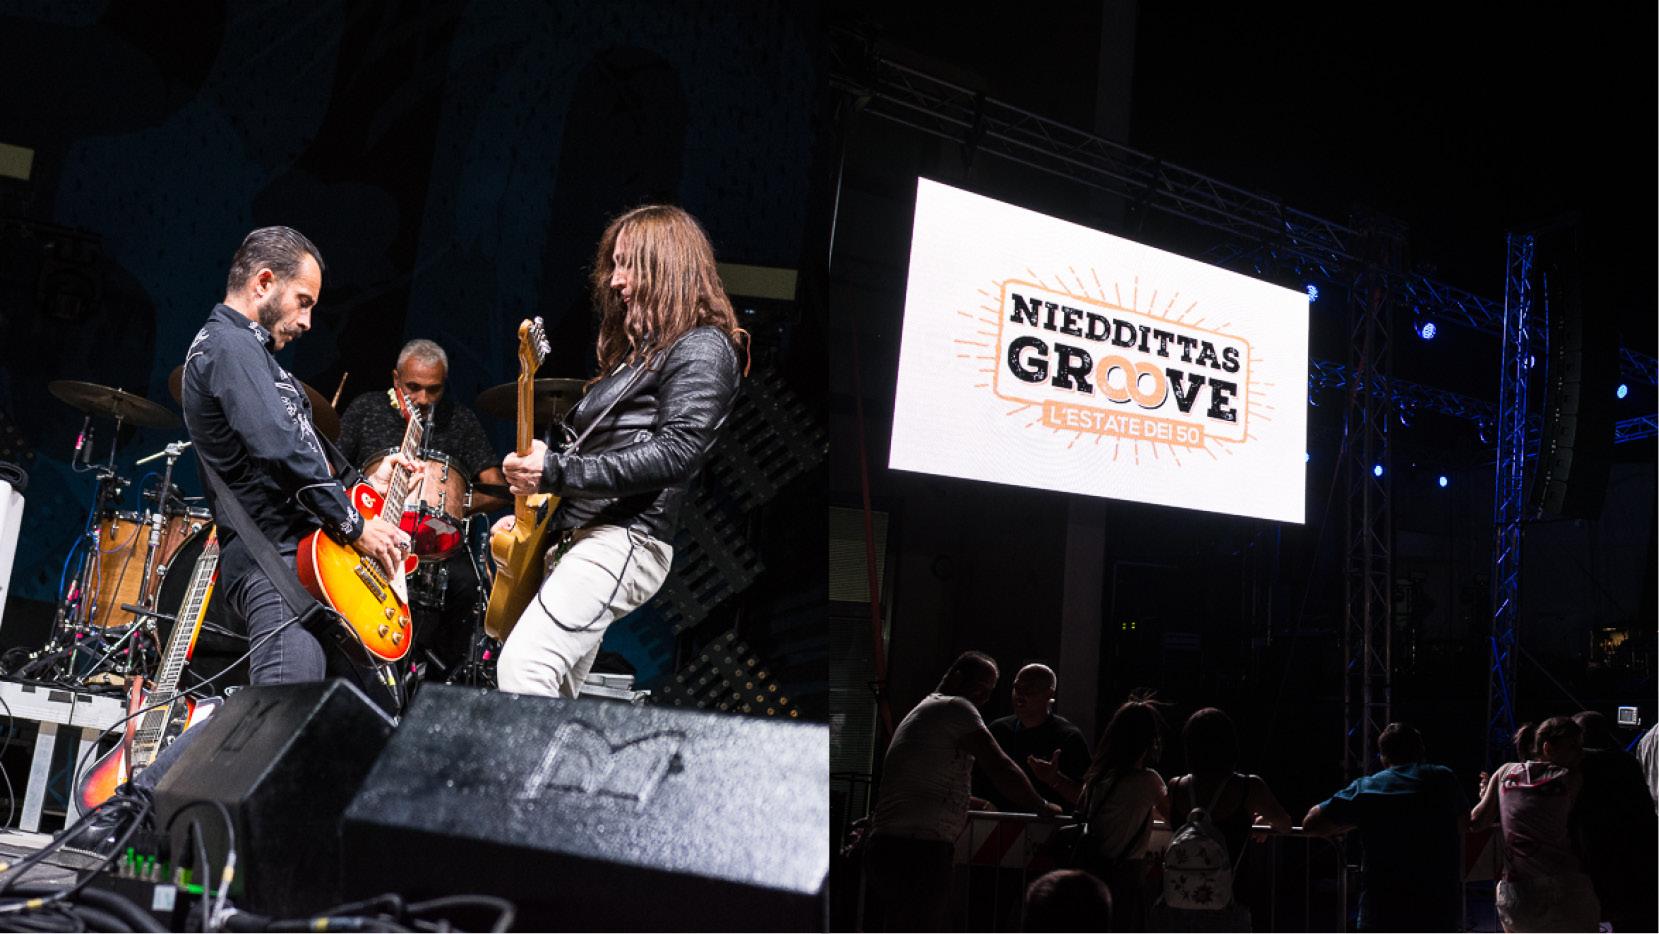 Nieddittas Groove. Ecco le foto del 26 agosto, ricordo di una serata TOP